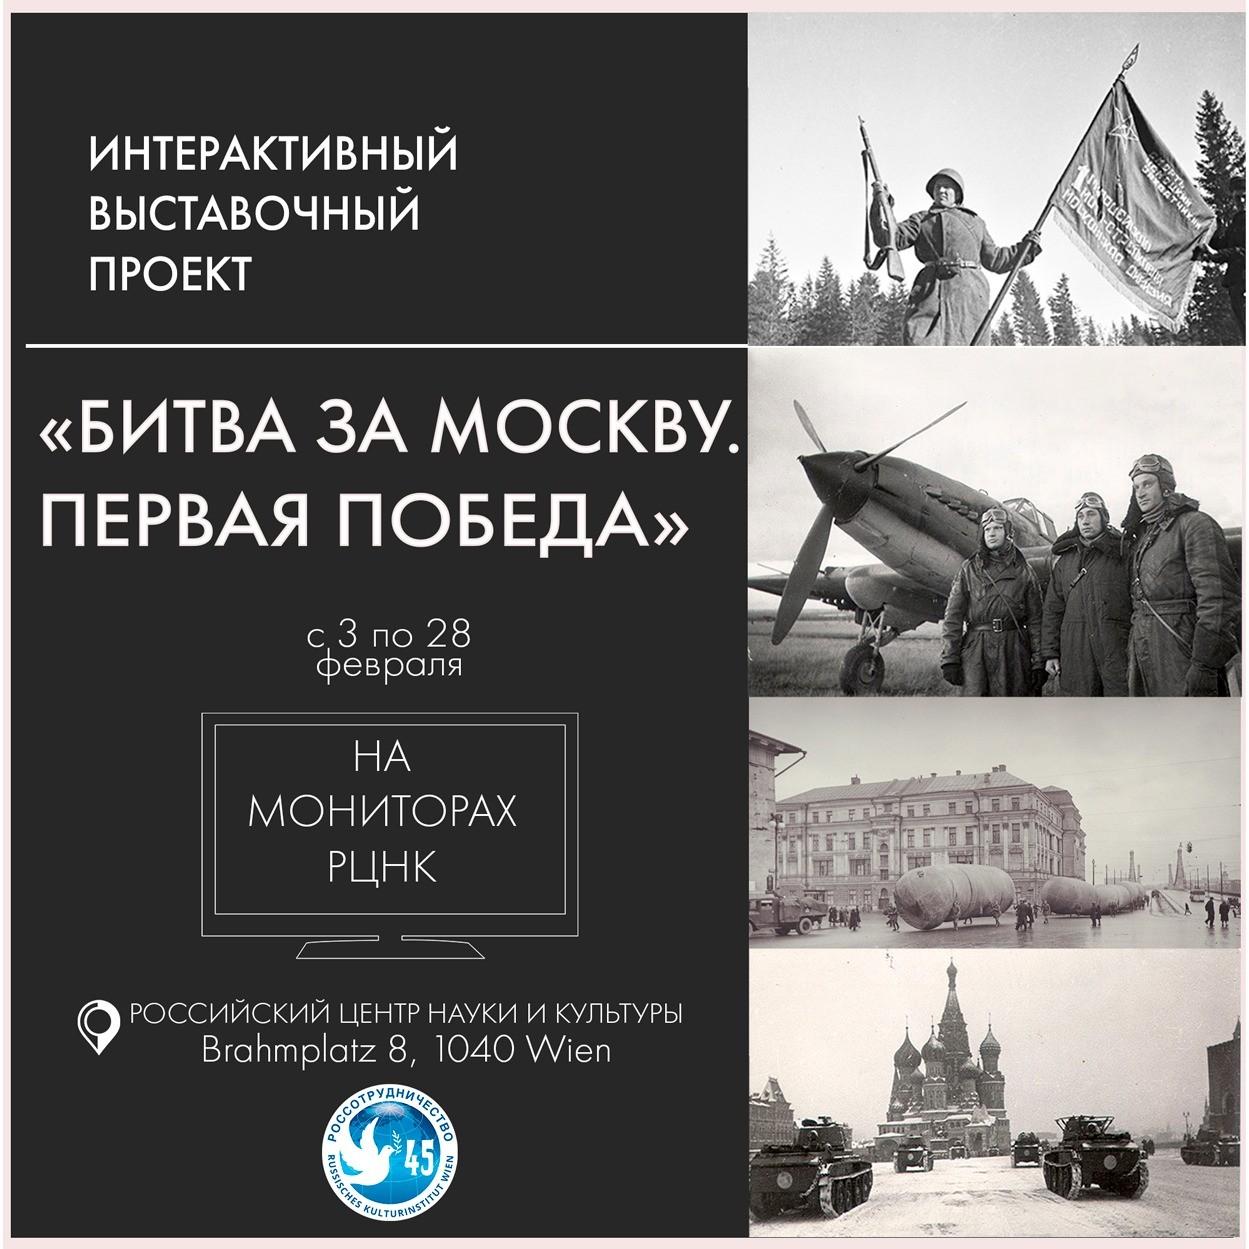 В Вене представлен интерактивный проект, посвященный битве за Москву